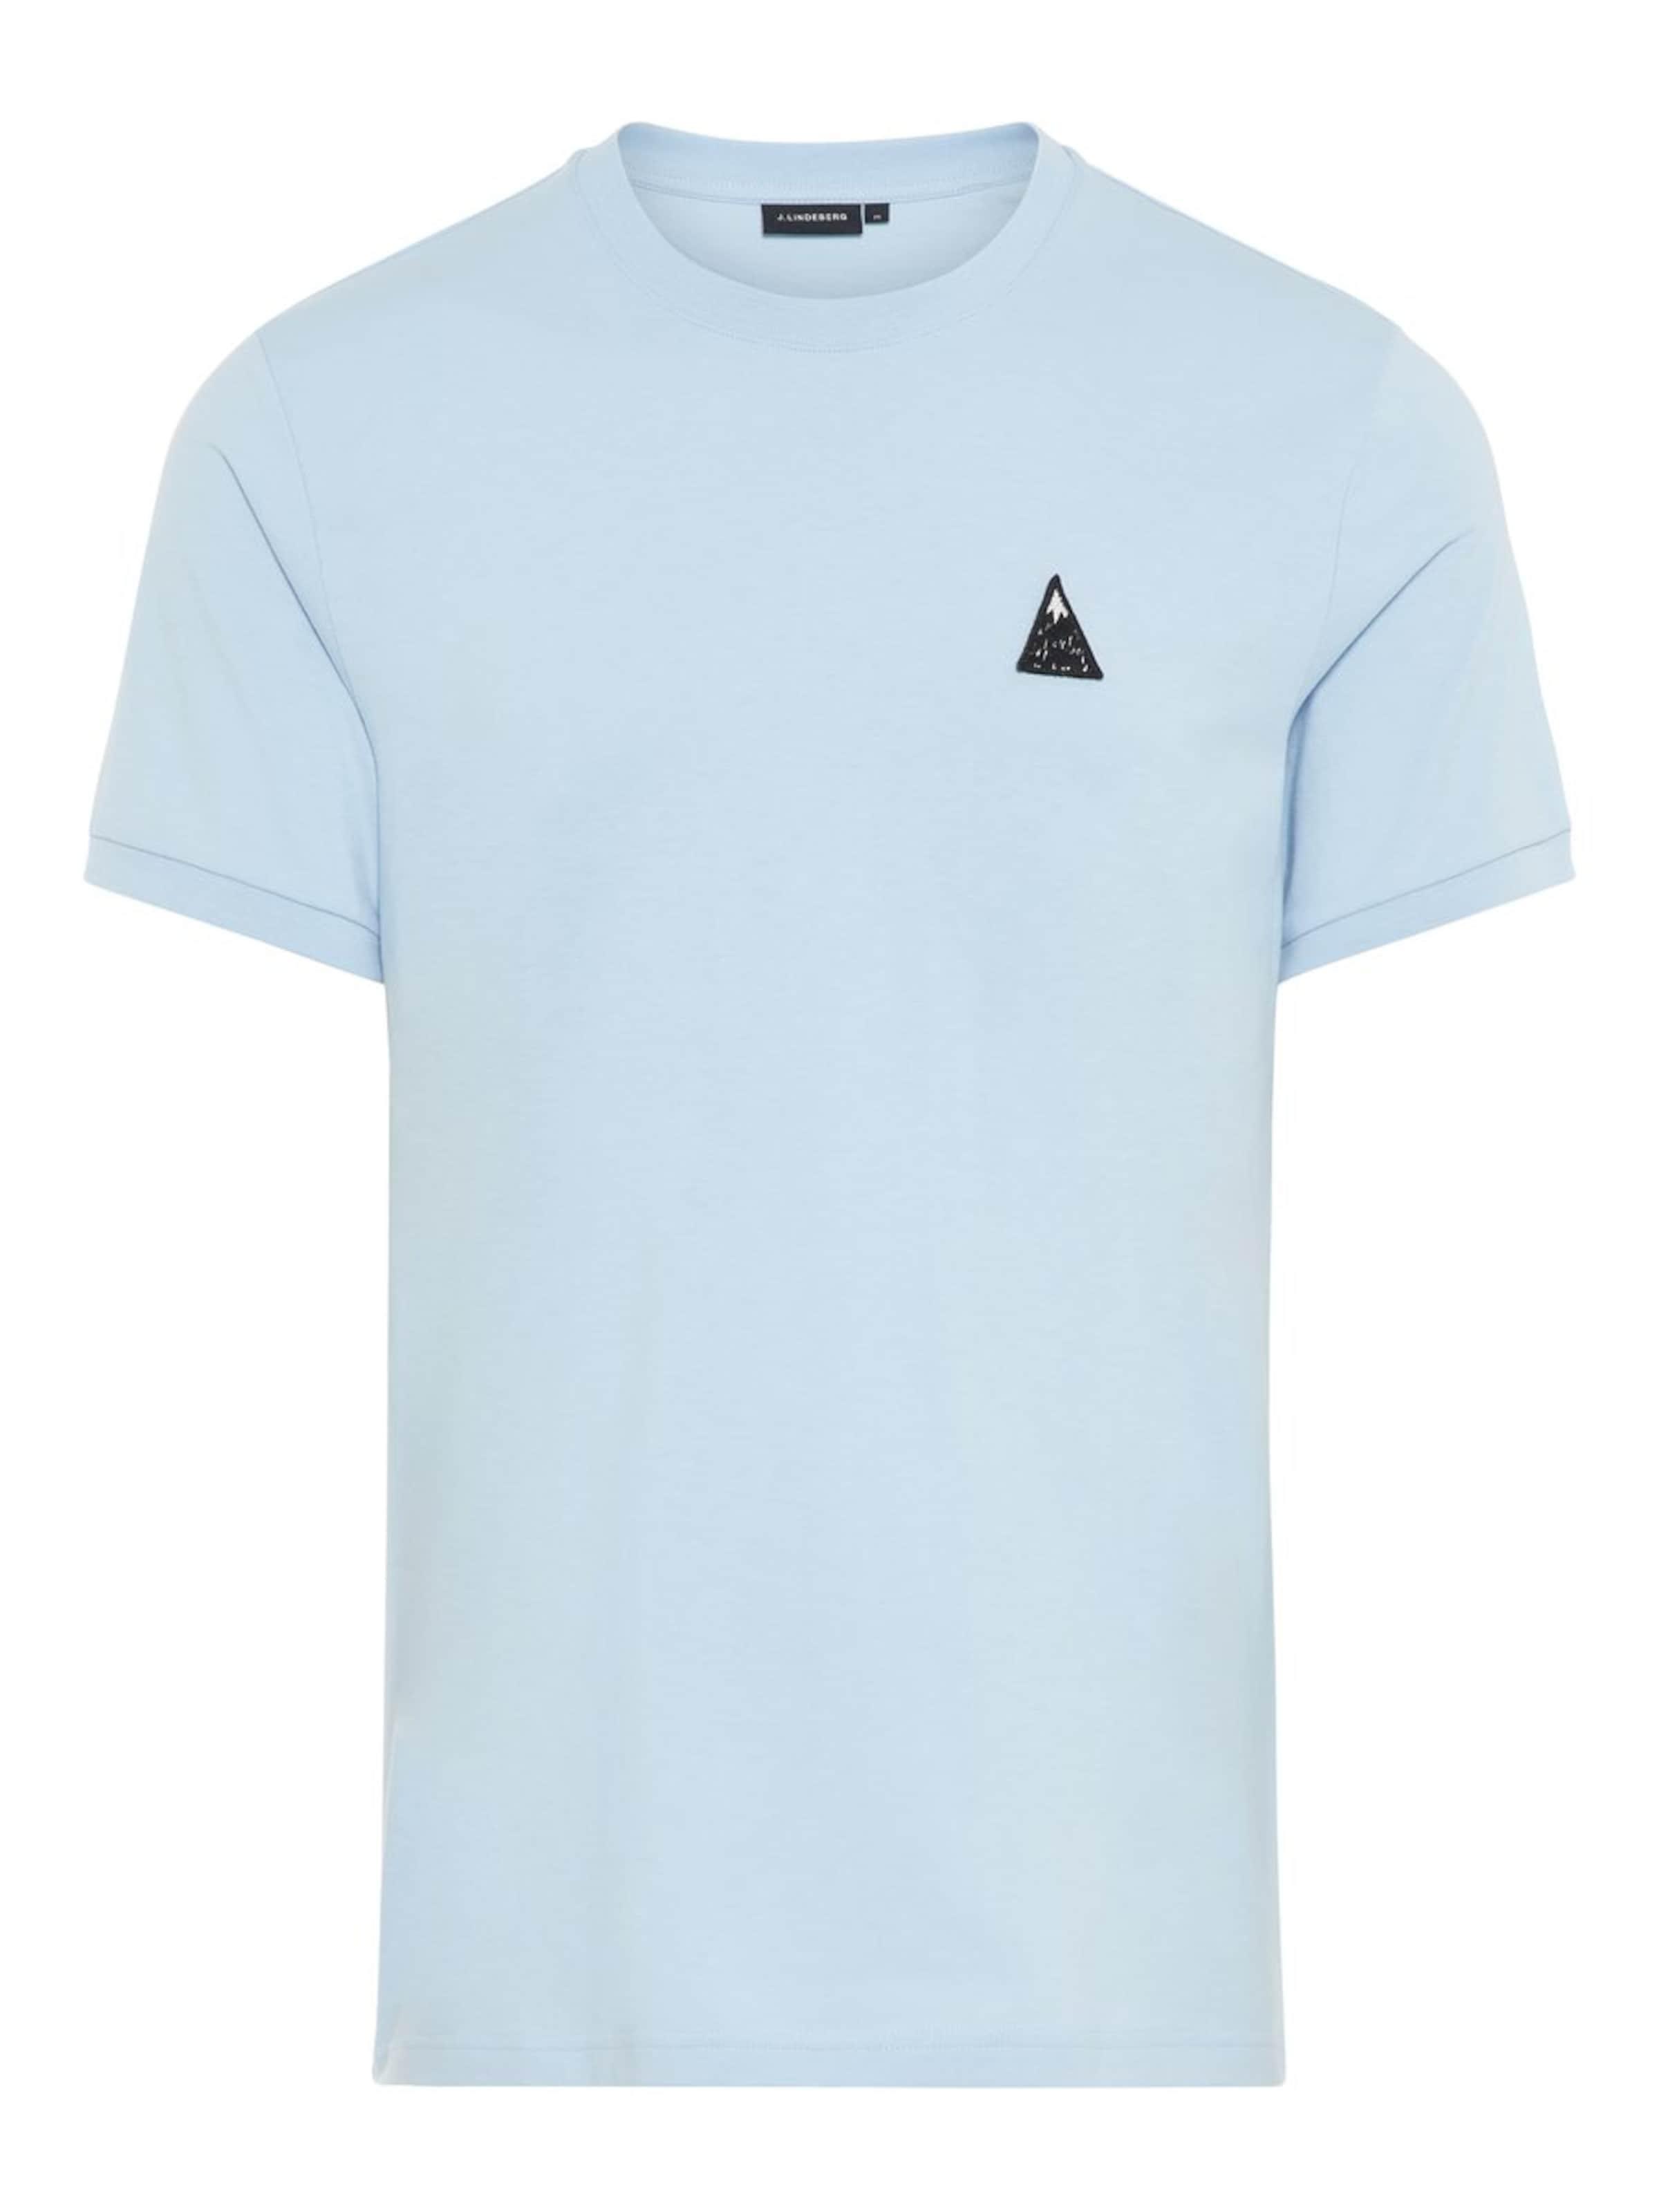 Hellblau shirt 'bridge' In T lindeberg J FKc1Jl